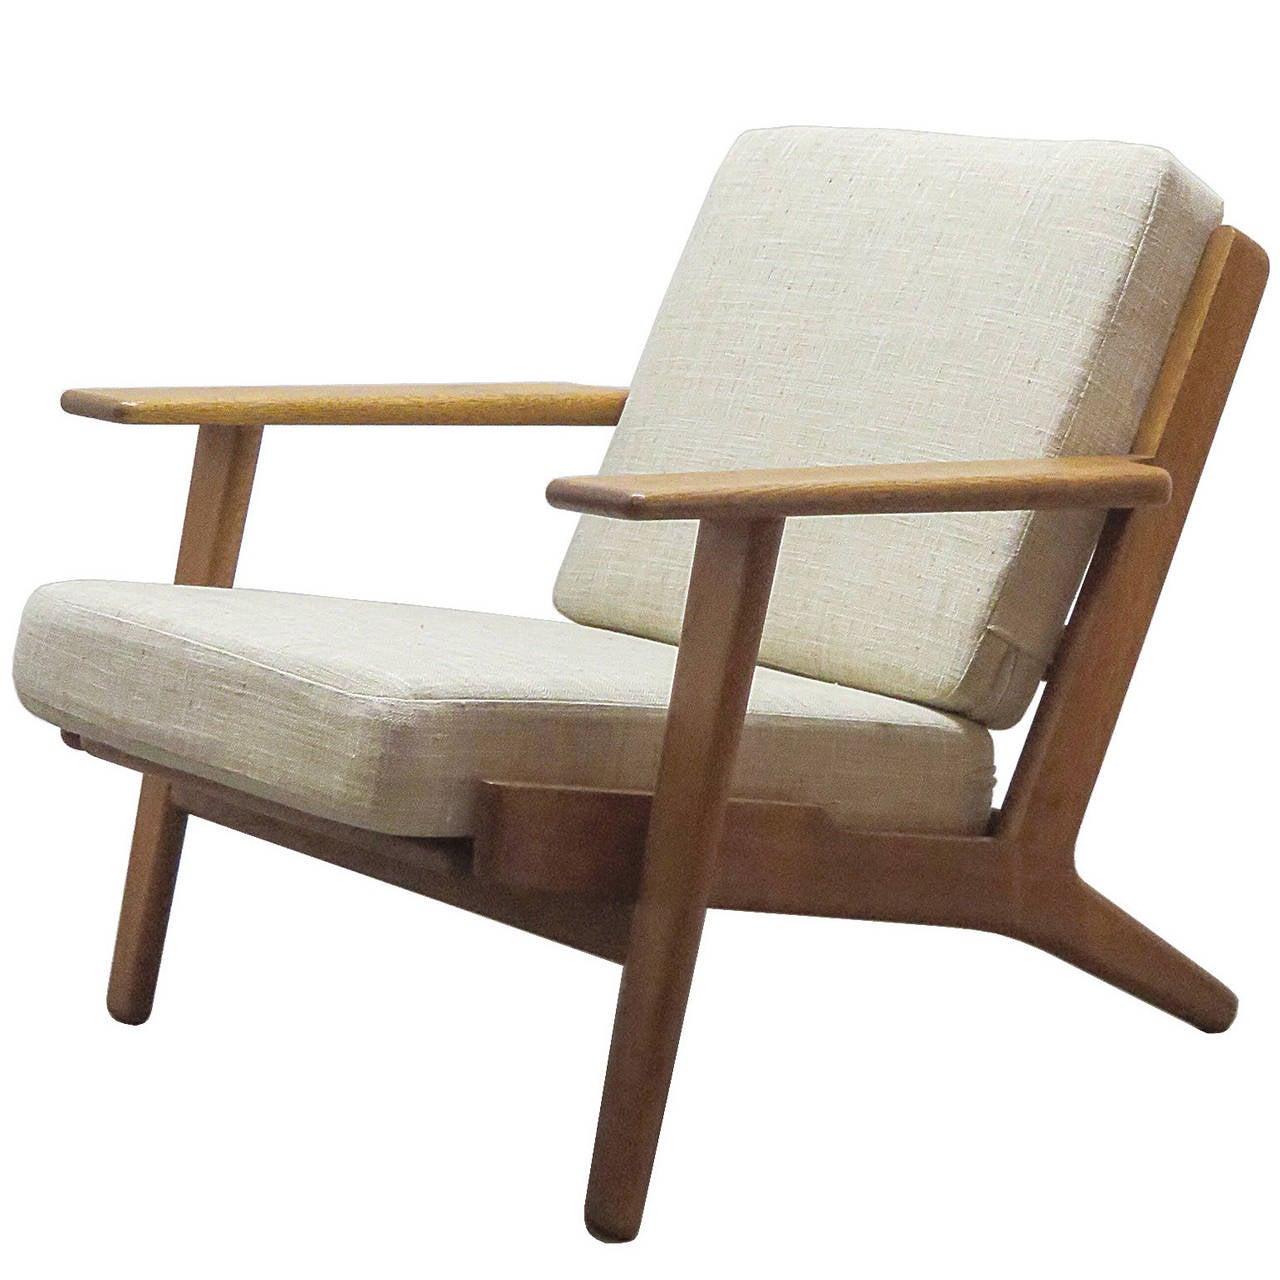 hans j wegner ge 290 lounge chair. Black Bedroom Furniture Sets. Home Design Ideas